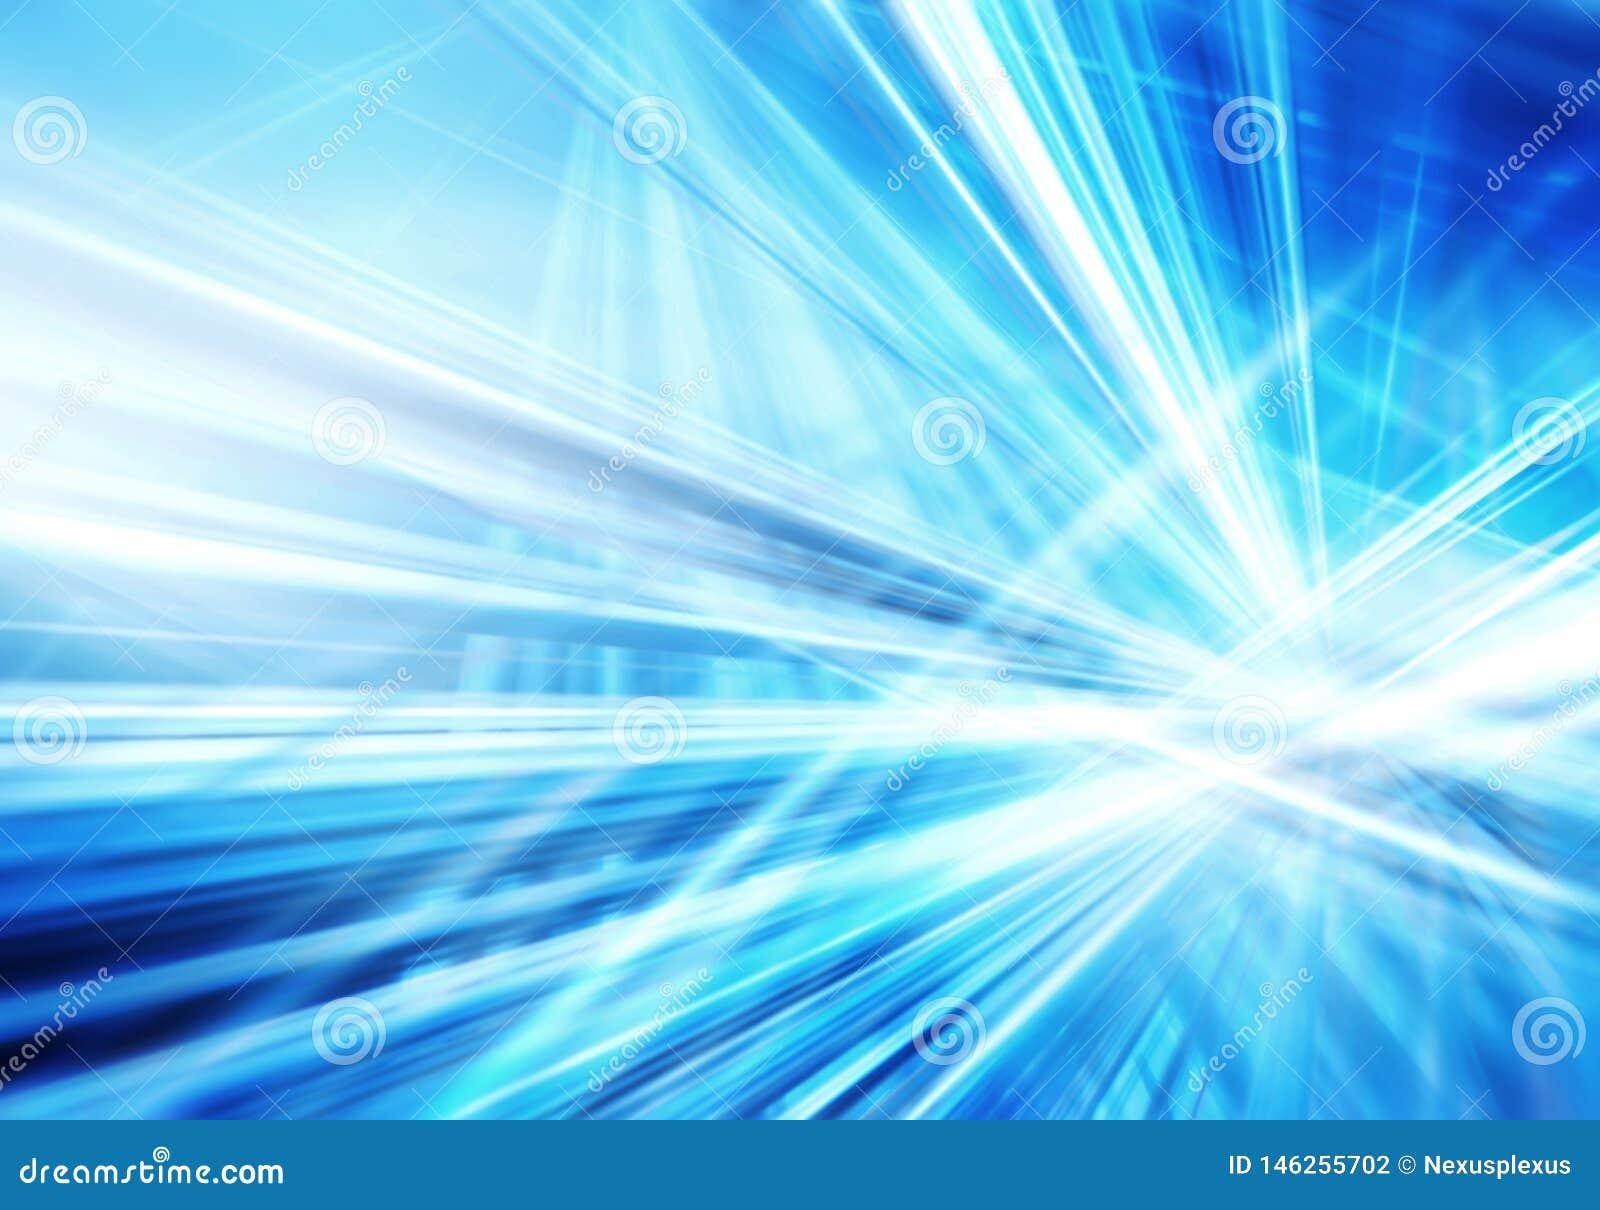 Abstrakt bakgrund med raka genomskurna lysande blåa och vita linjer